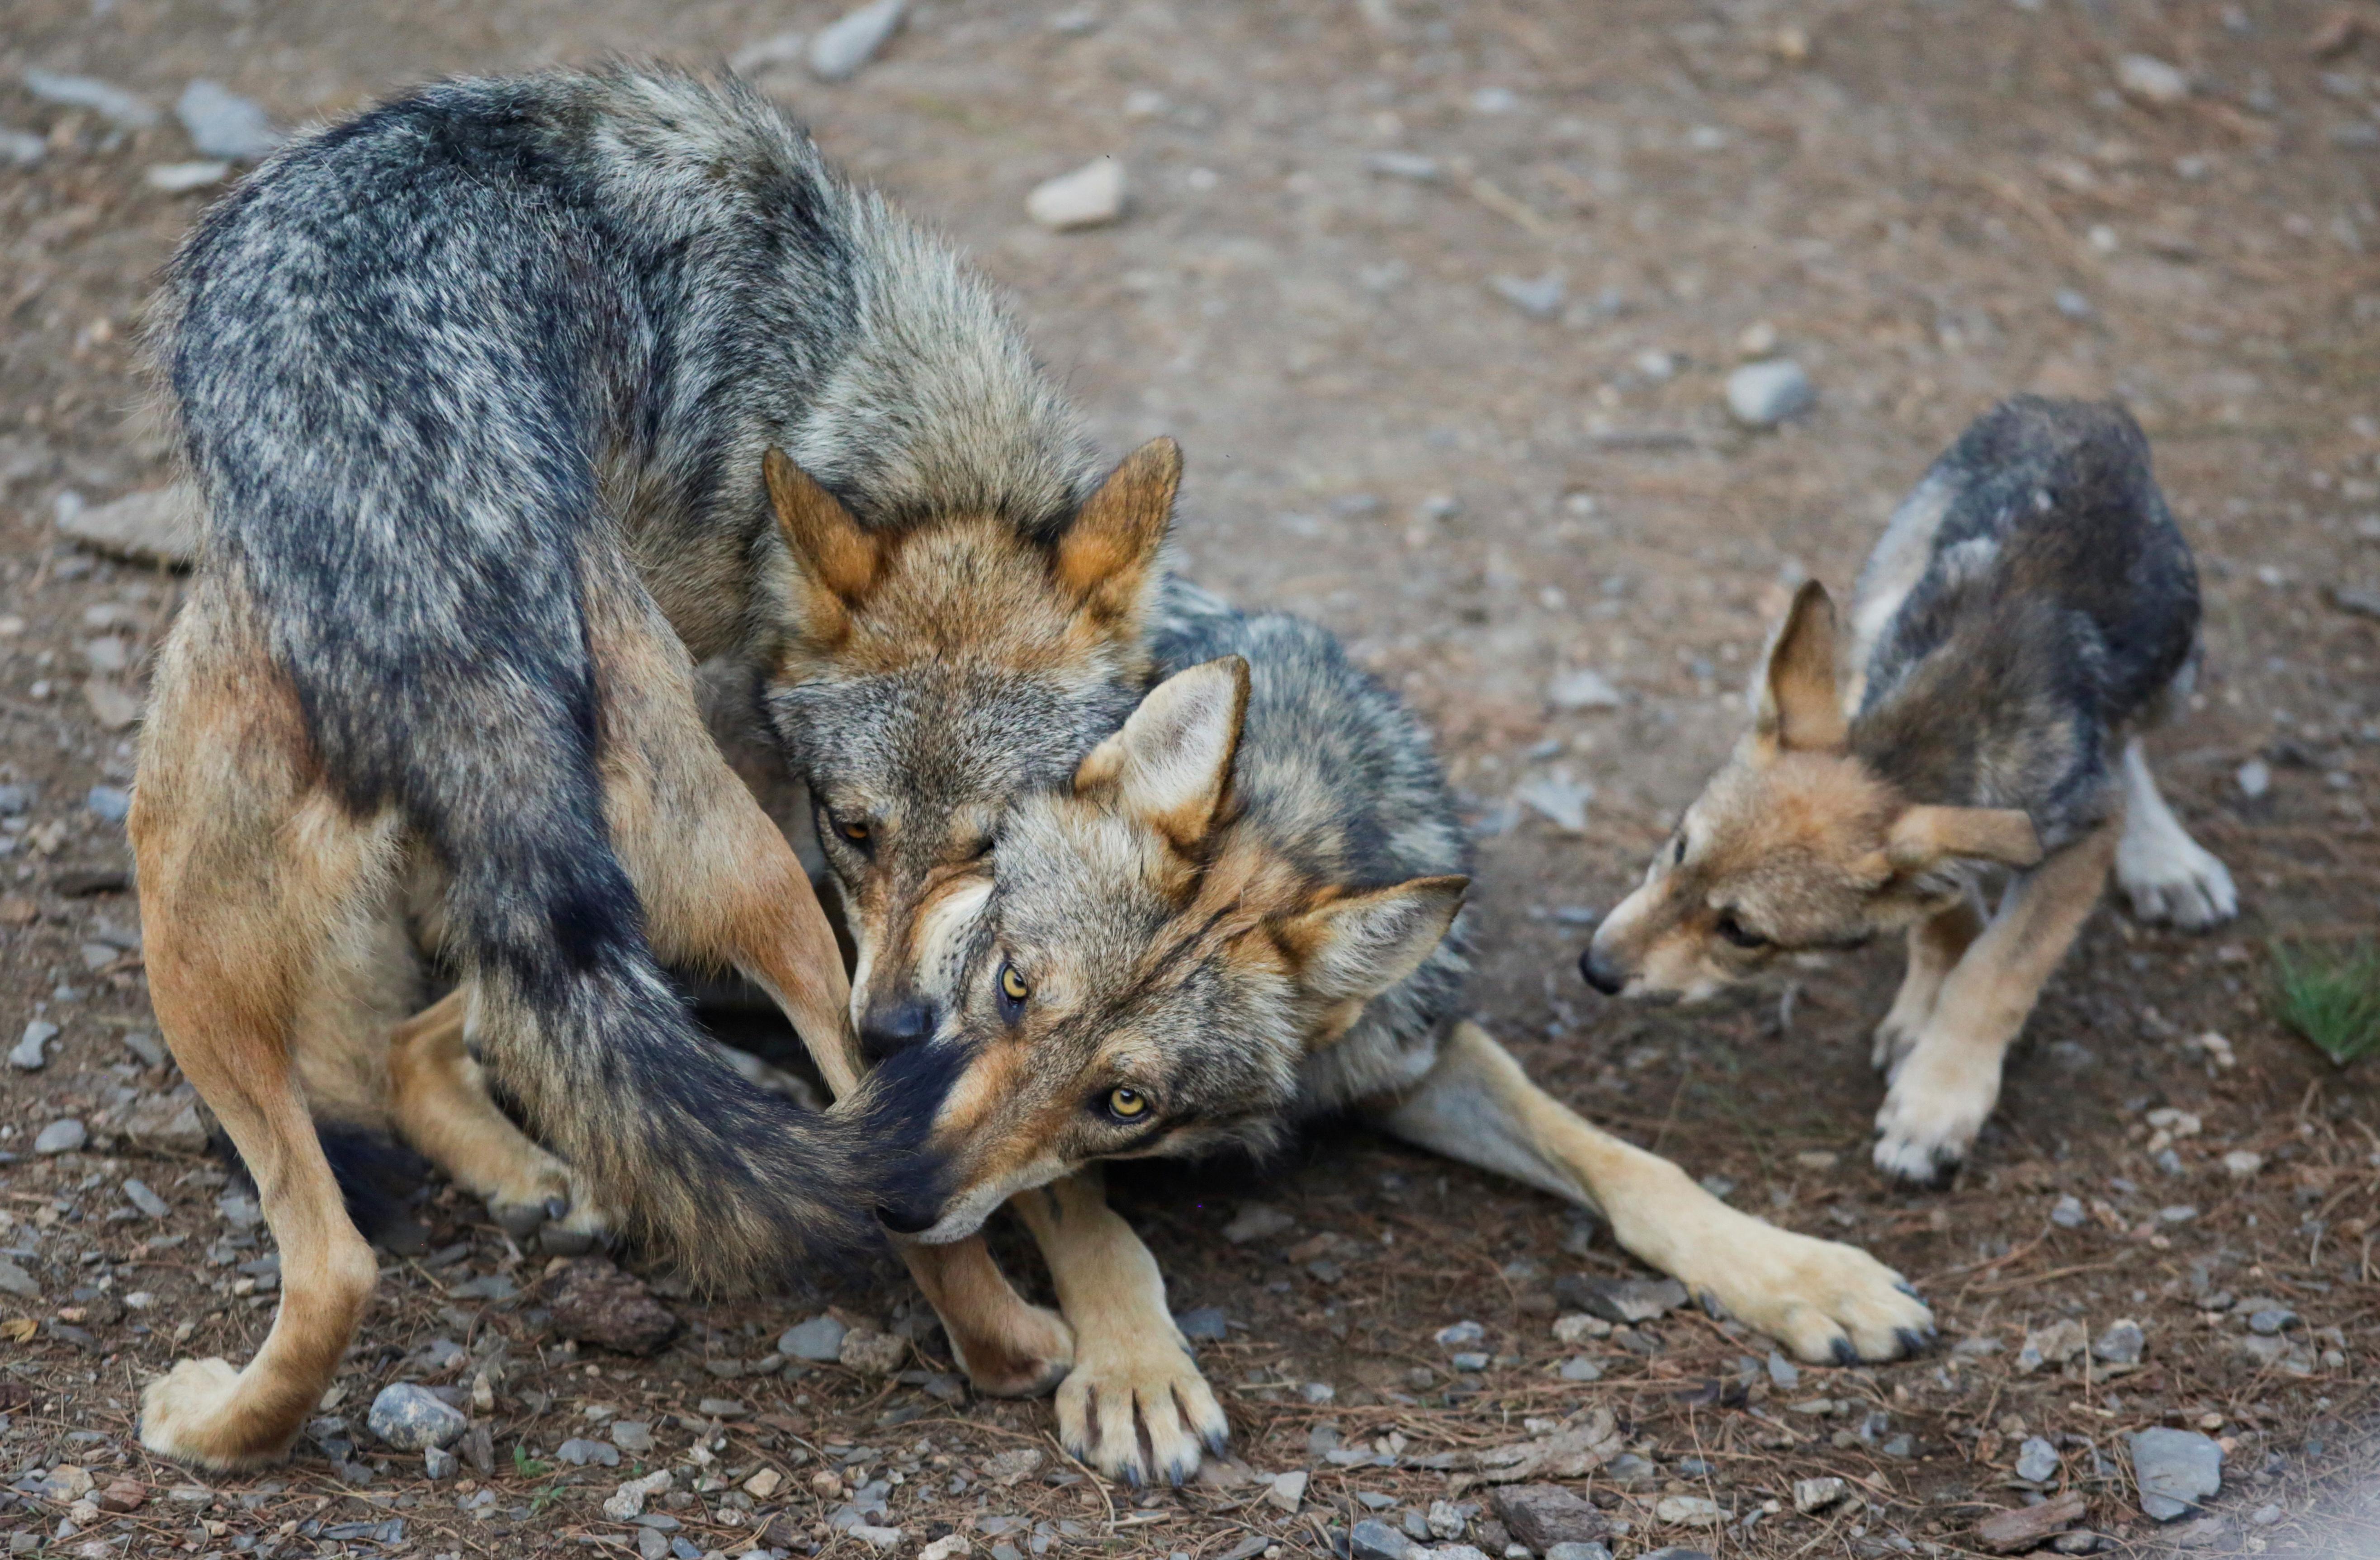 Desde 2009, el Museo del Desierto forma parte del Comité Binacional para la Recuperación del Lobo Gris Mexicano, integrado por más de 50 instituciones de México y Estados Unidos, 2 de Julio, 2020. (Foto: REUTERS/Daniel Becerril)